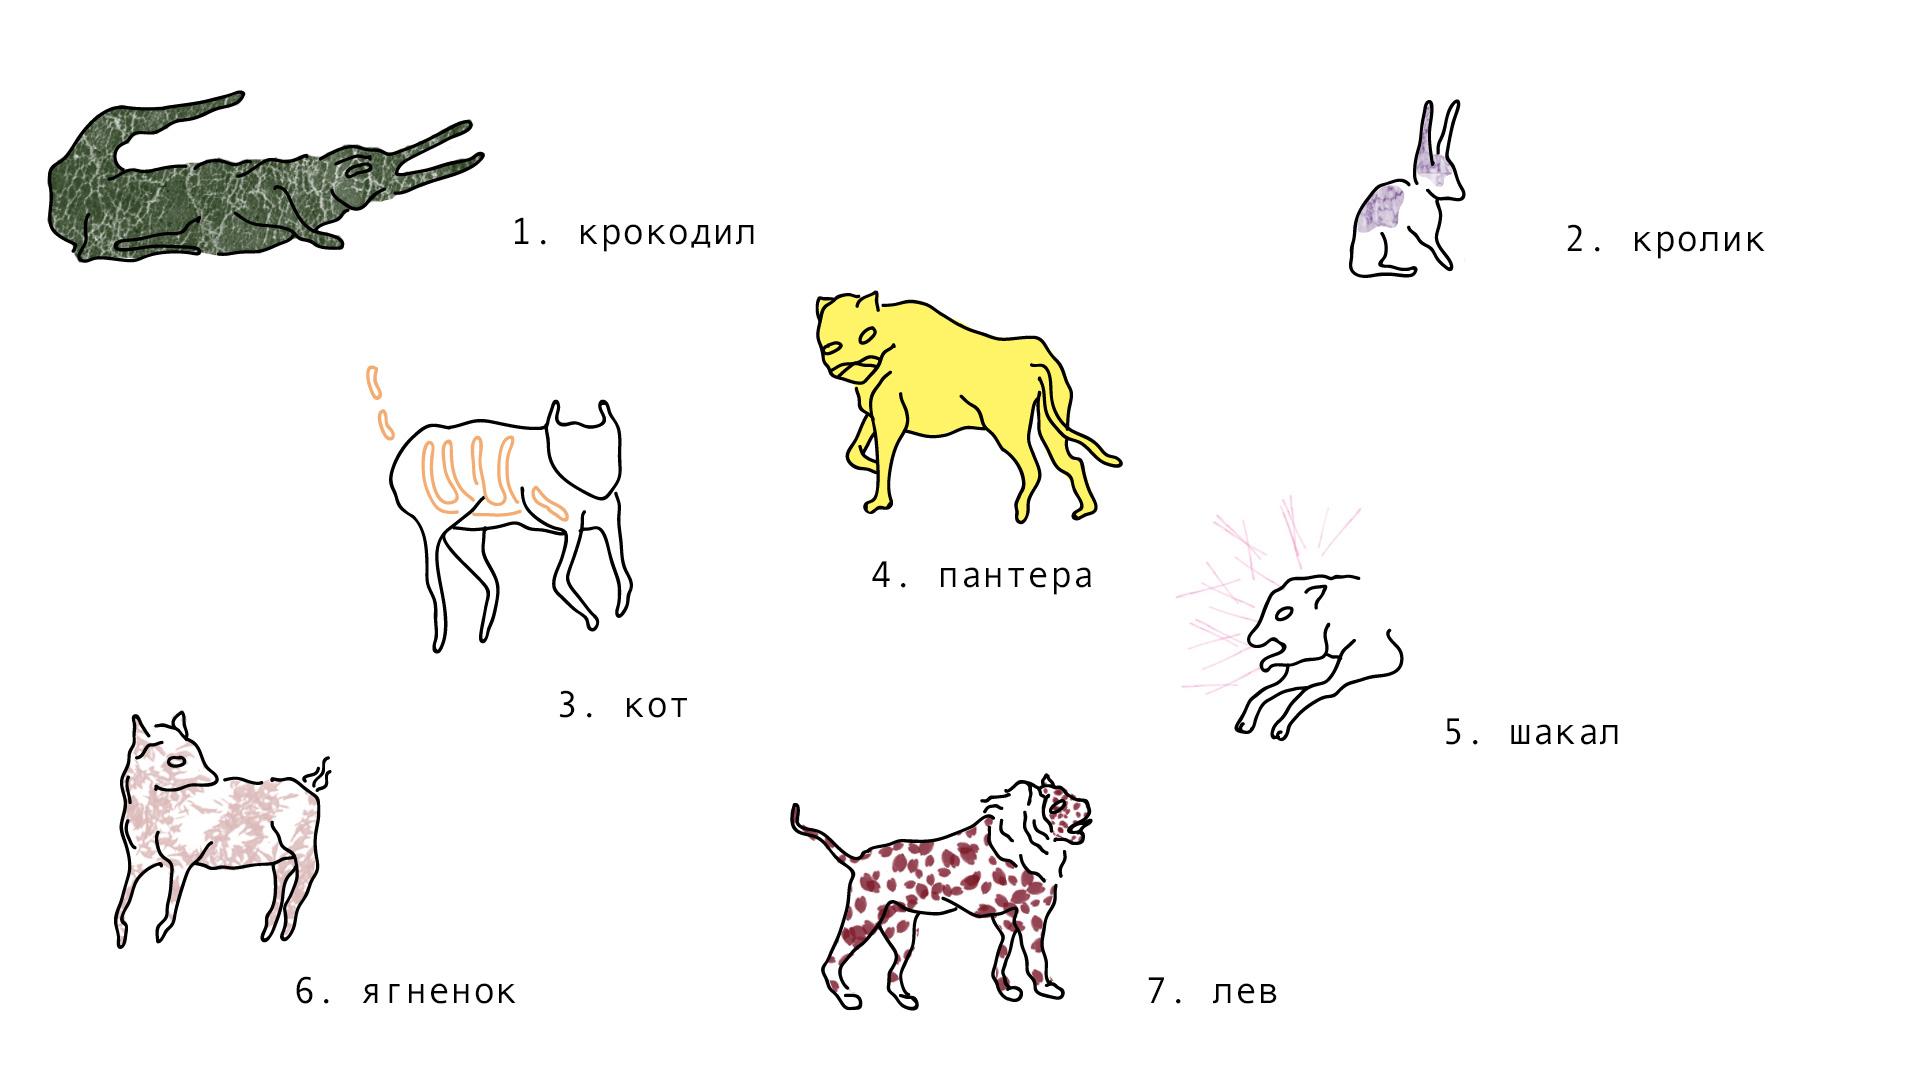 bestiaire (животные) - juin 2019